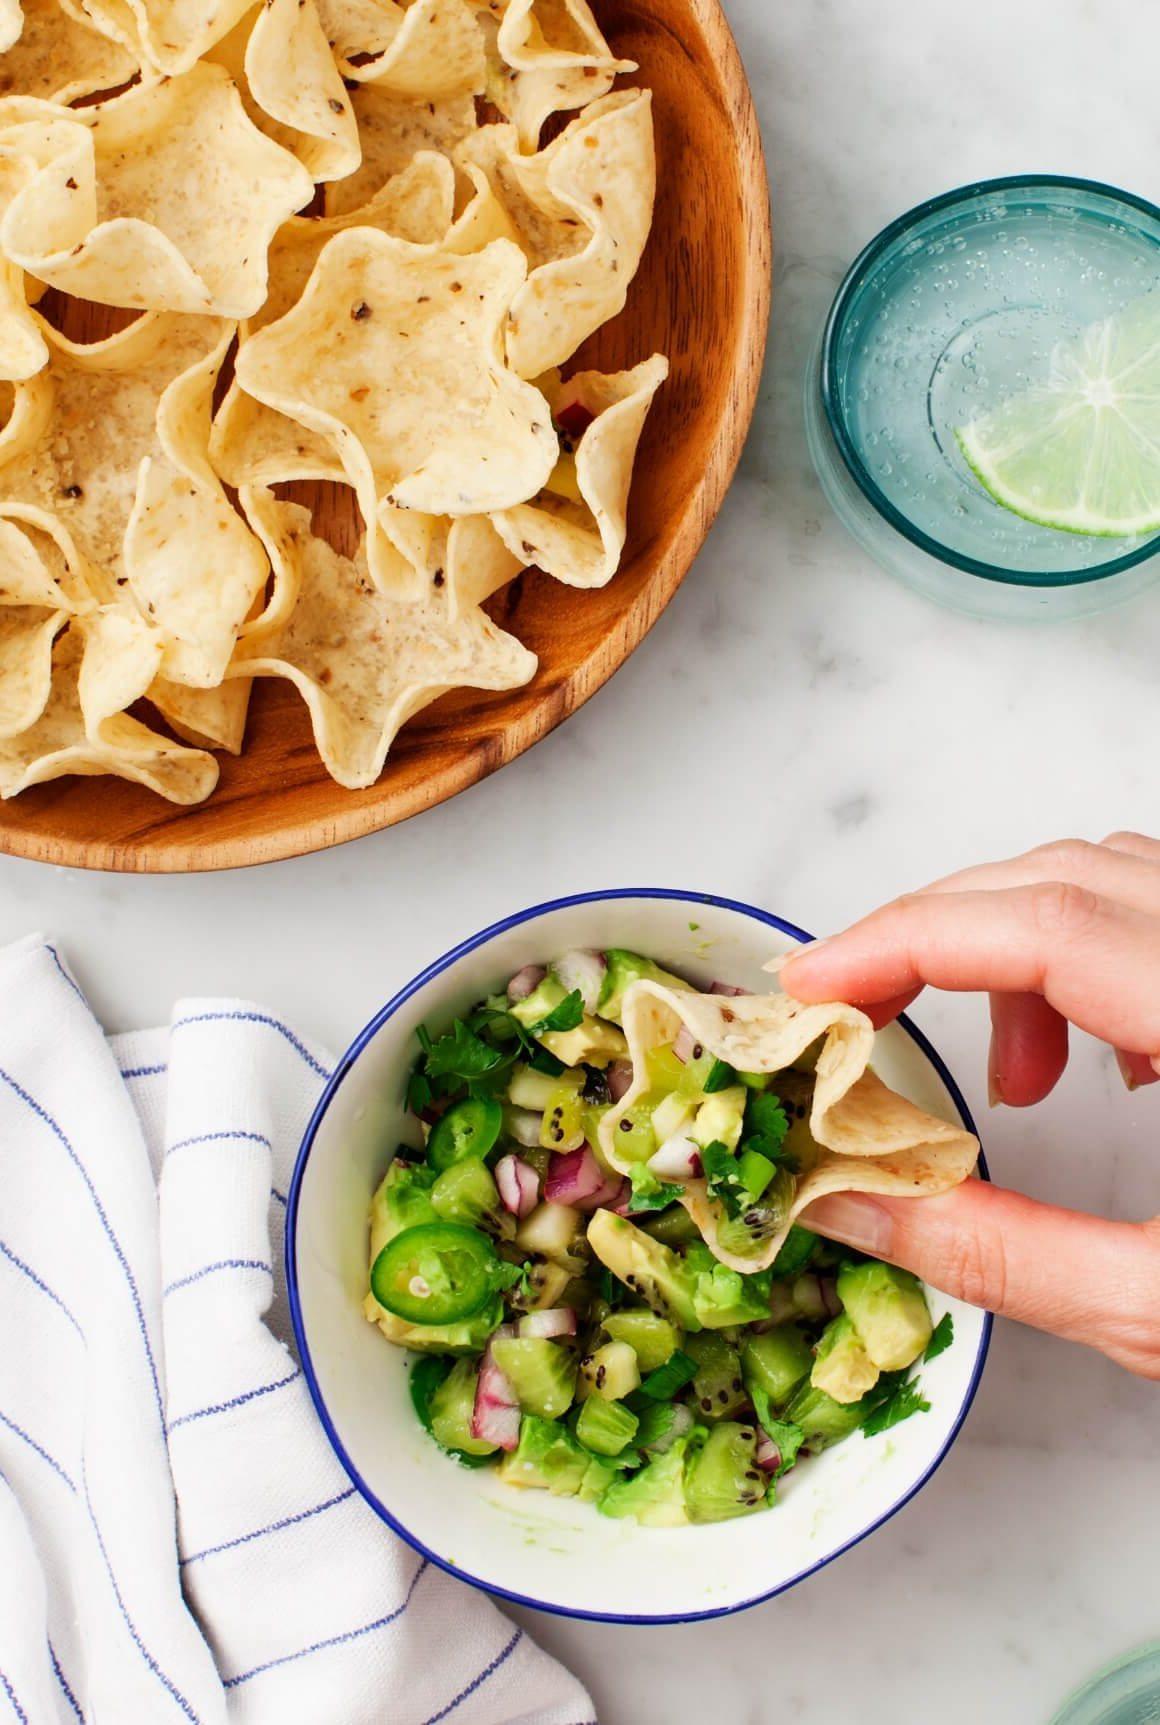 Was essen bei Heißhunger - Ideen für Zwischendurch-Essen